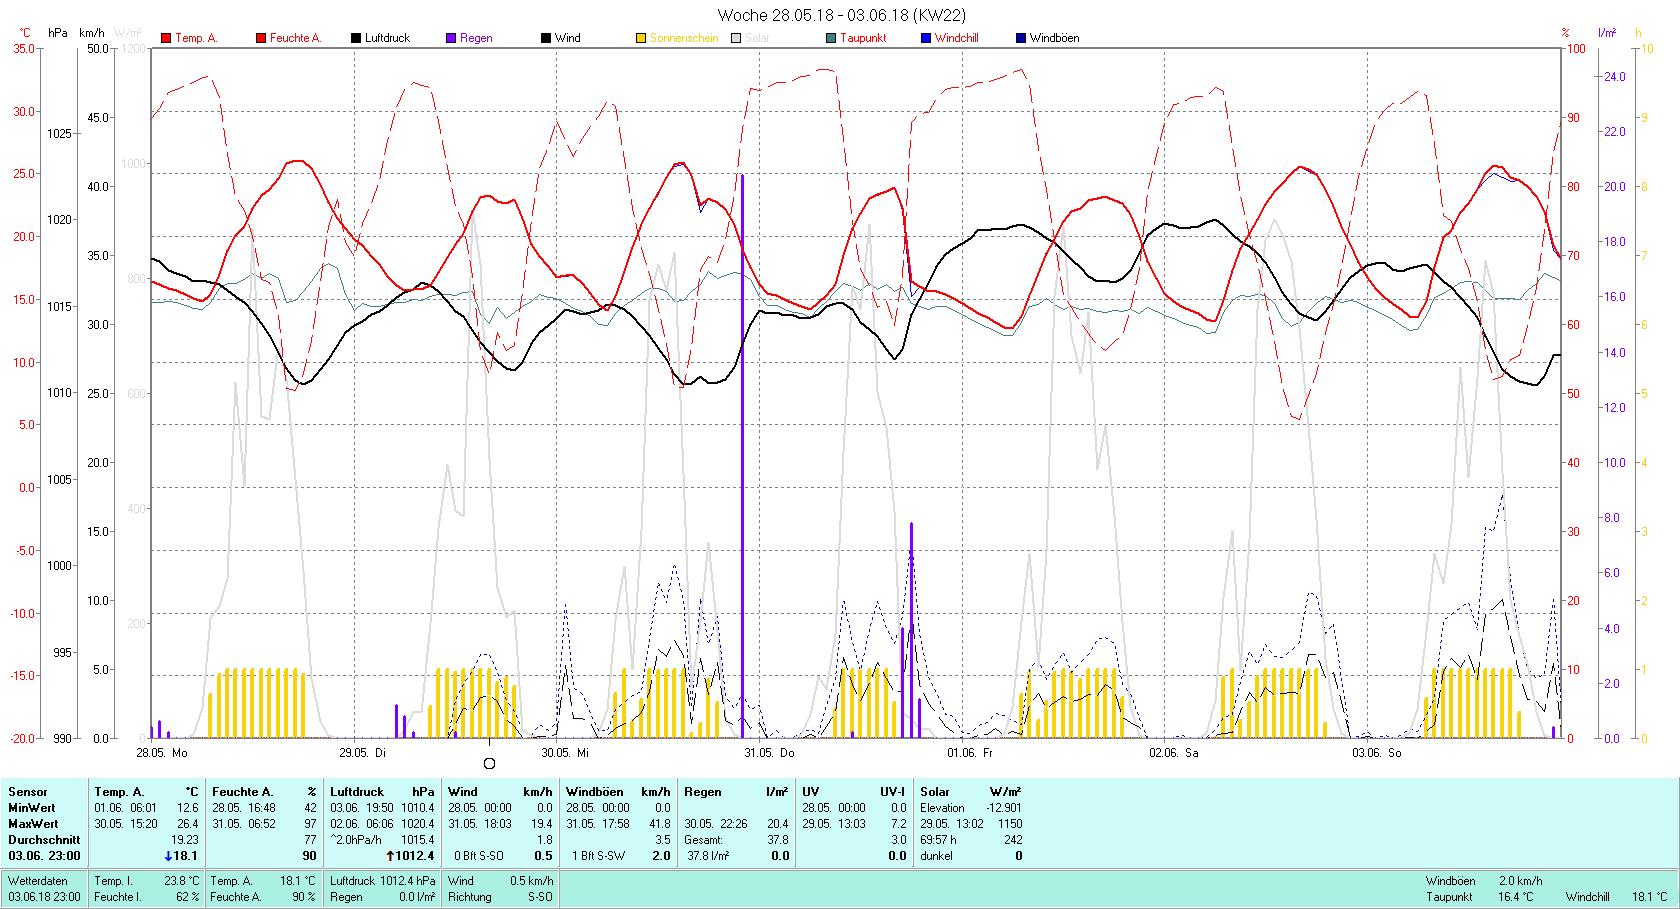 KW 22 Tmin 12.6°C, Tmax 26.4°C, Sonne 69:54 h Niederschlag 37.8 mm2